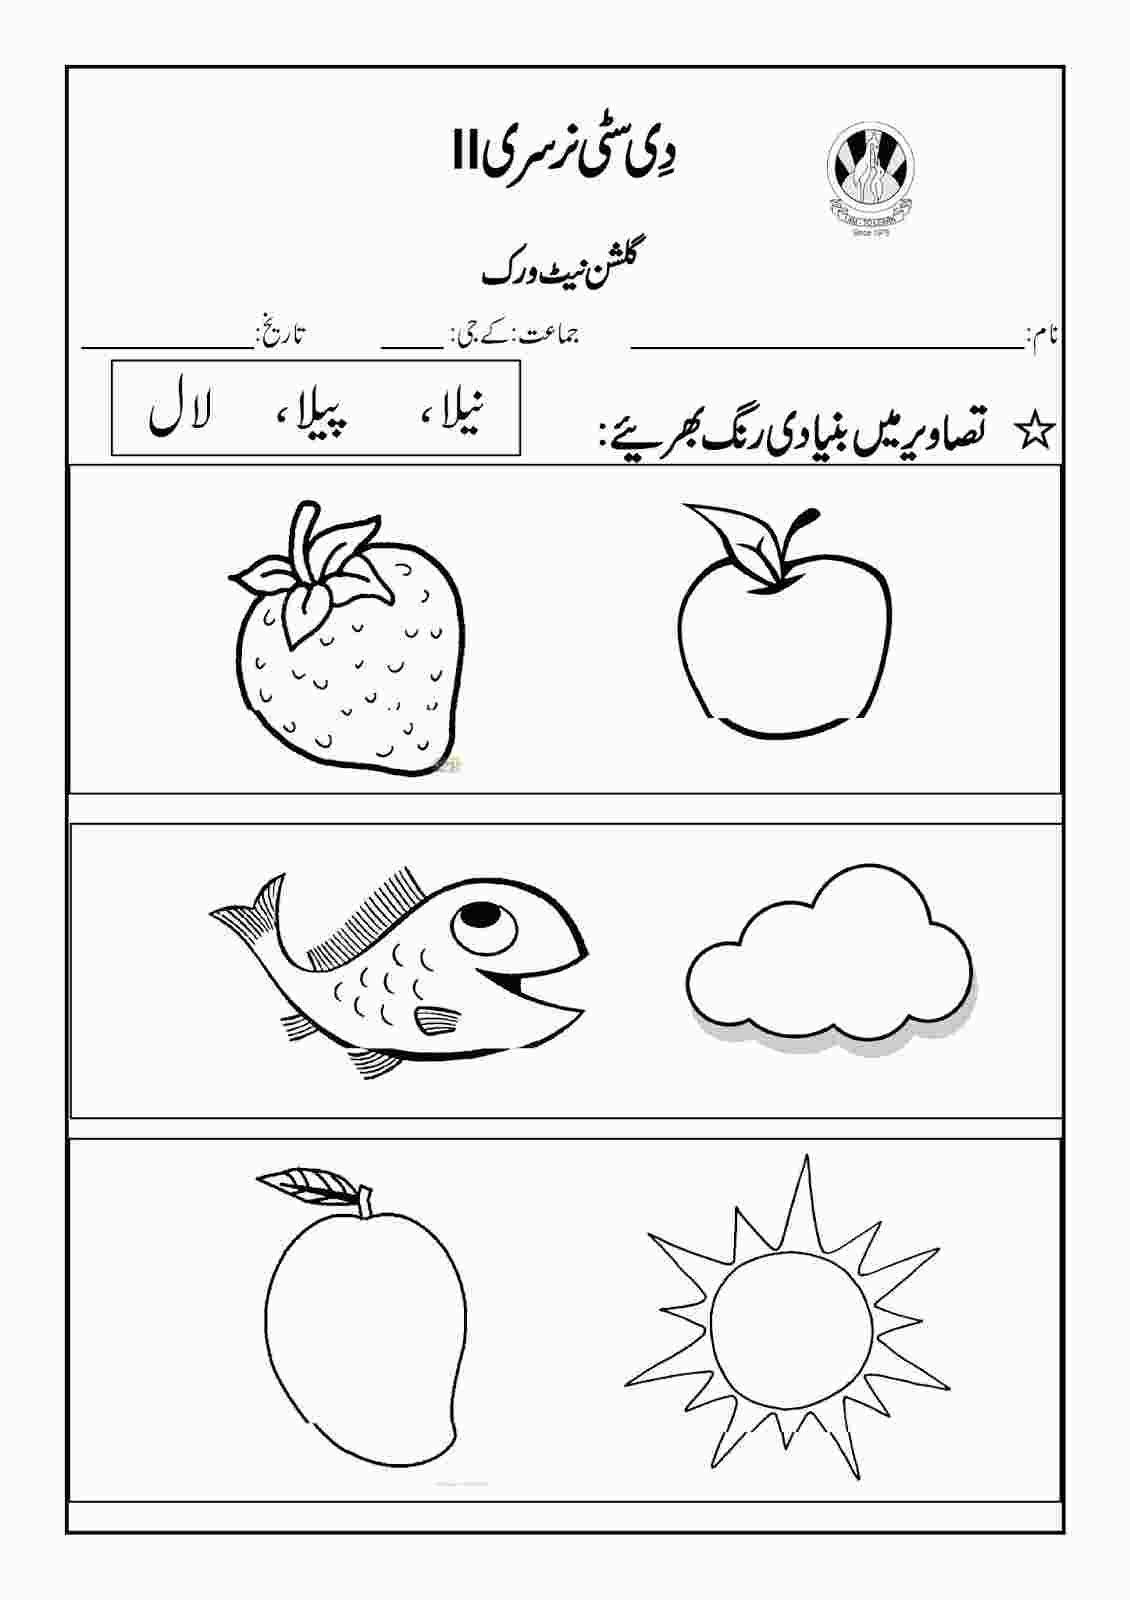 Worksheet For Kindergarten Urdu